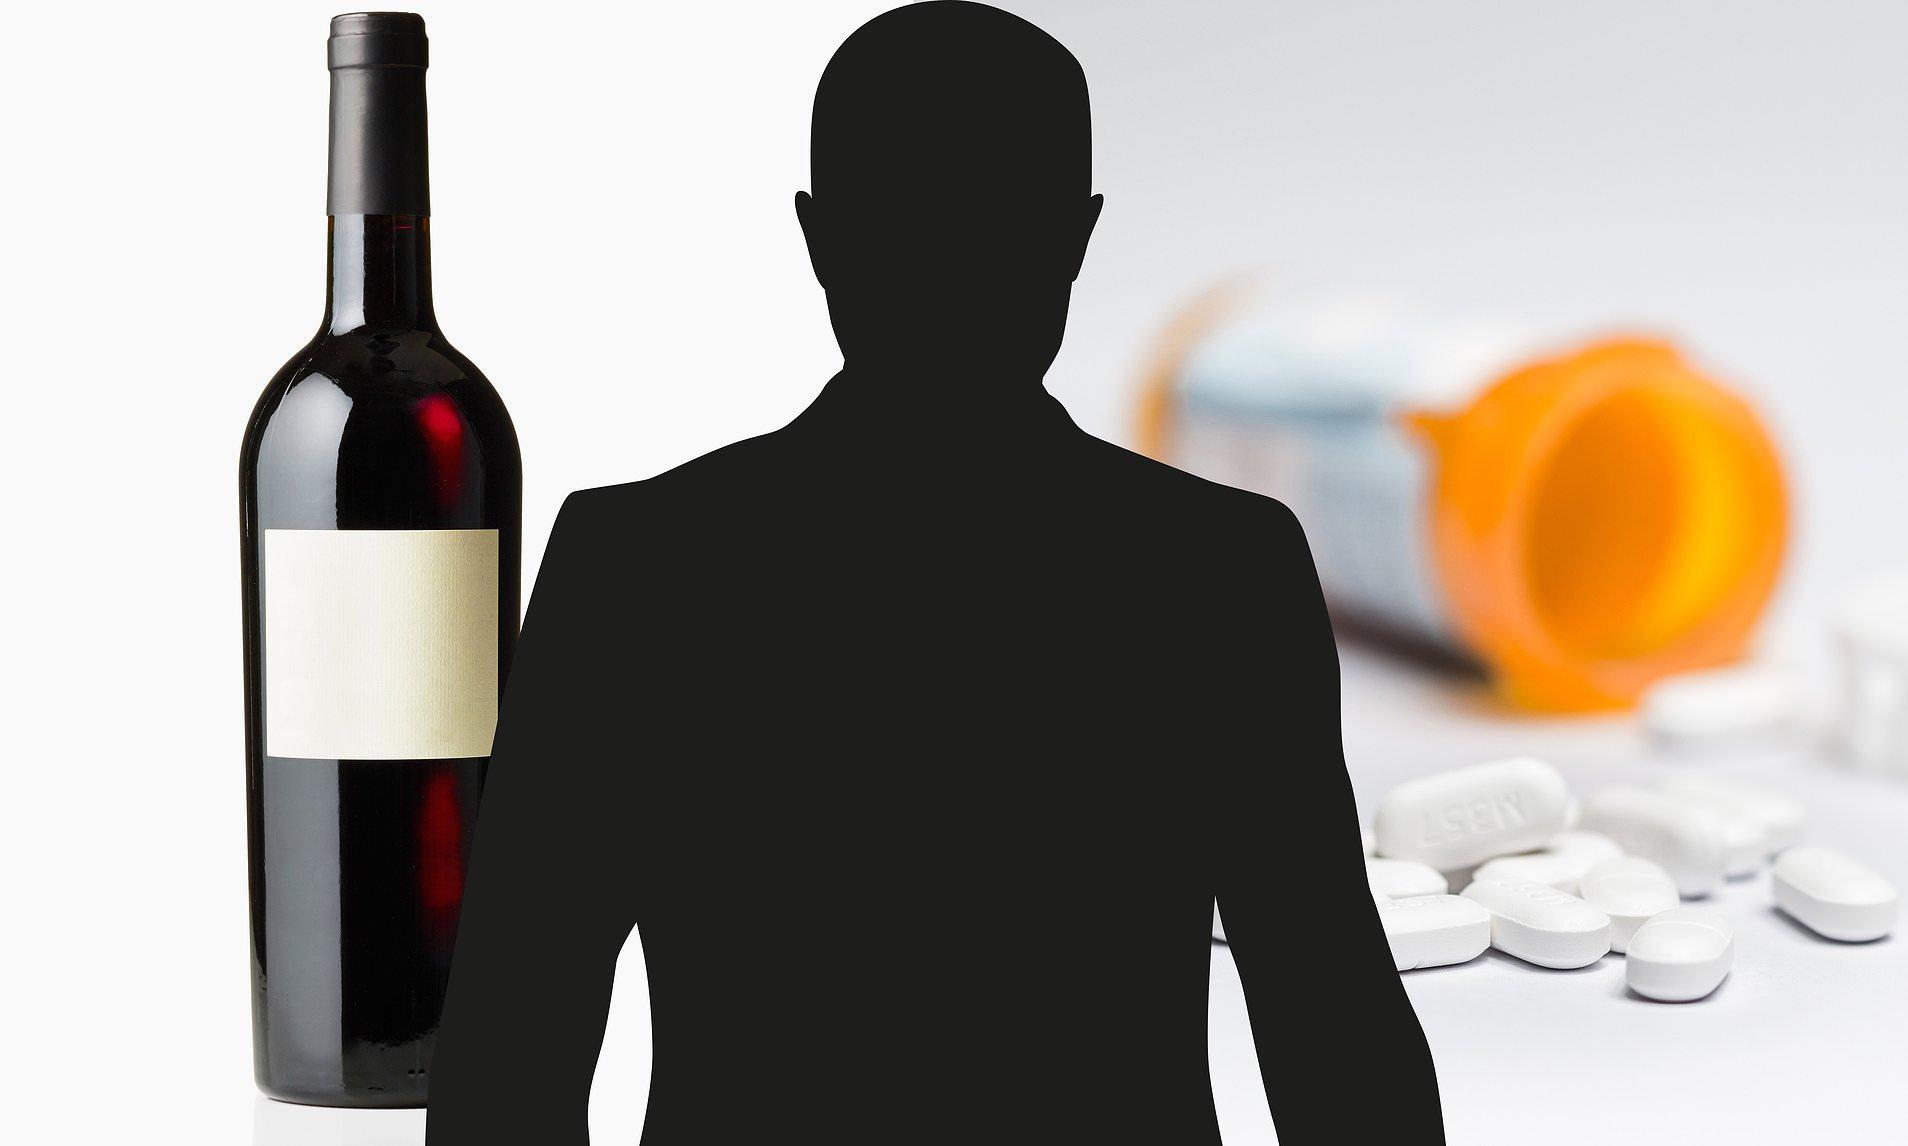 ԱՊԼ-ի որոշ ֆուտբոլիստներ քնաբեր են օգտագործում ալկոհոլի հետ. նրանցից մեկն արդեն դիմել է օգնության համար